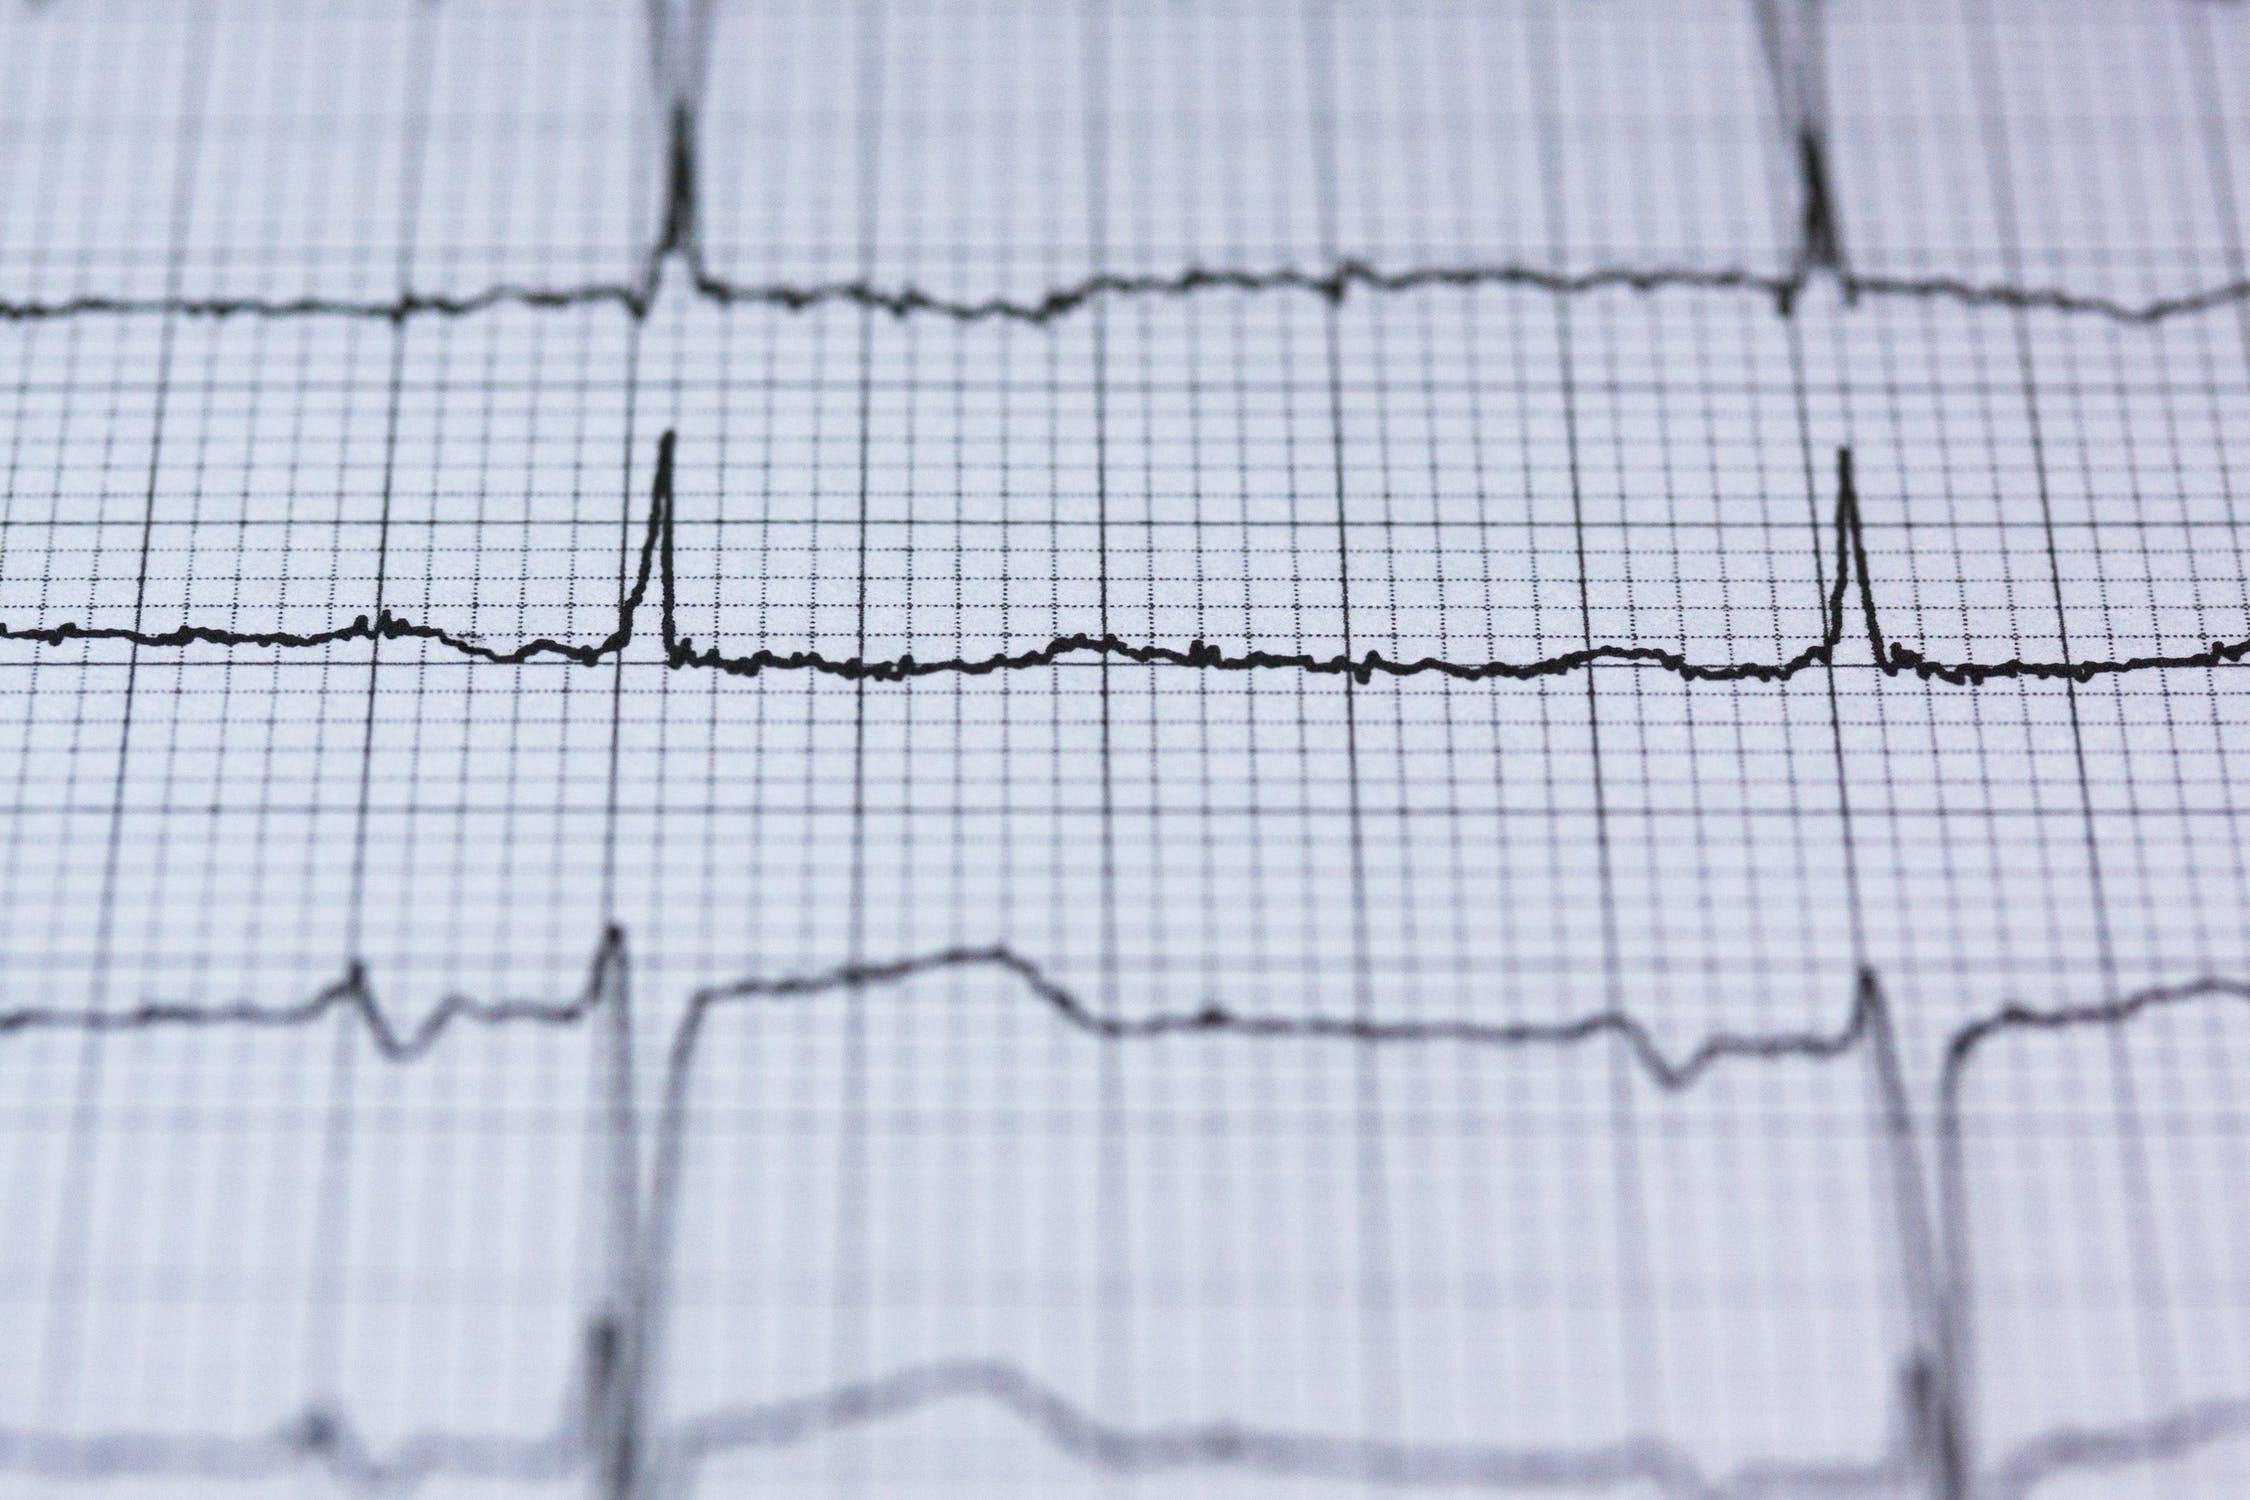 心电图能检查出身体什么病,心电图检查临床意义